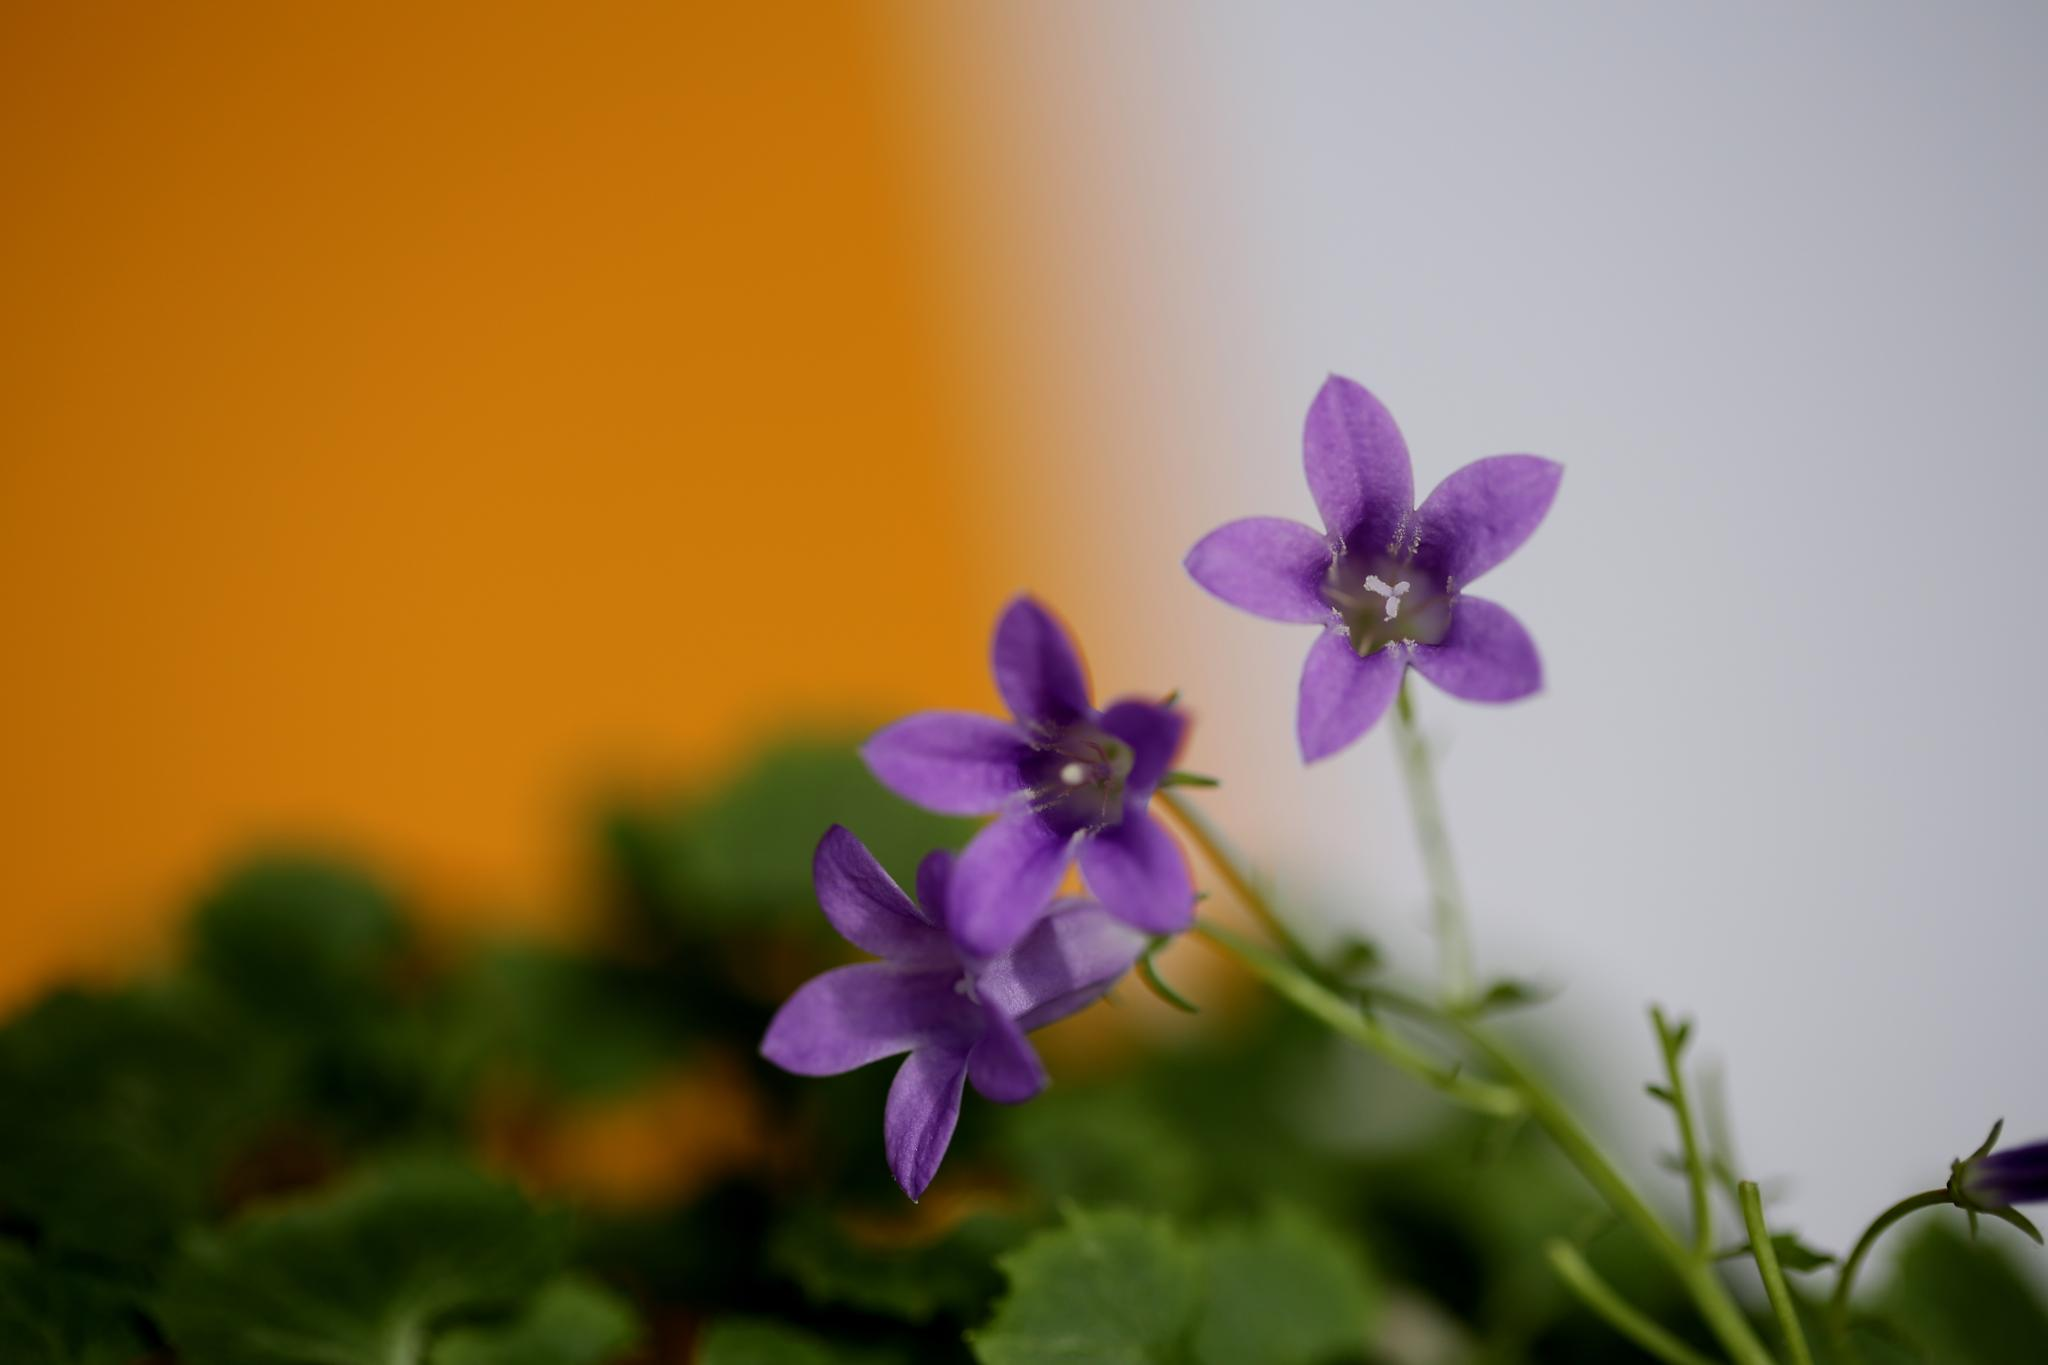 Bell Flower by Atila_Yumusakkaya